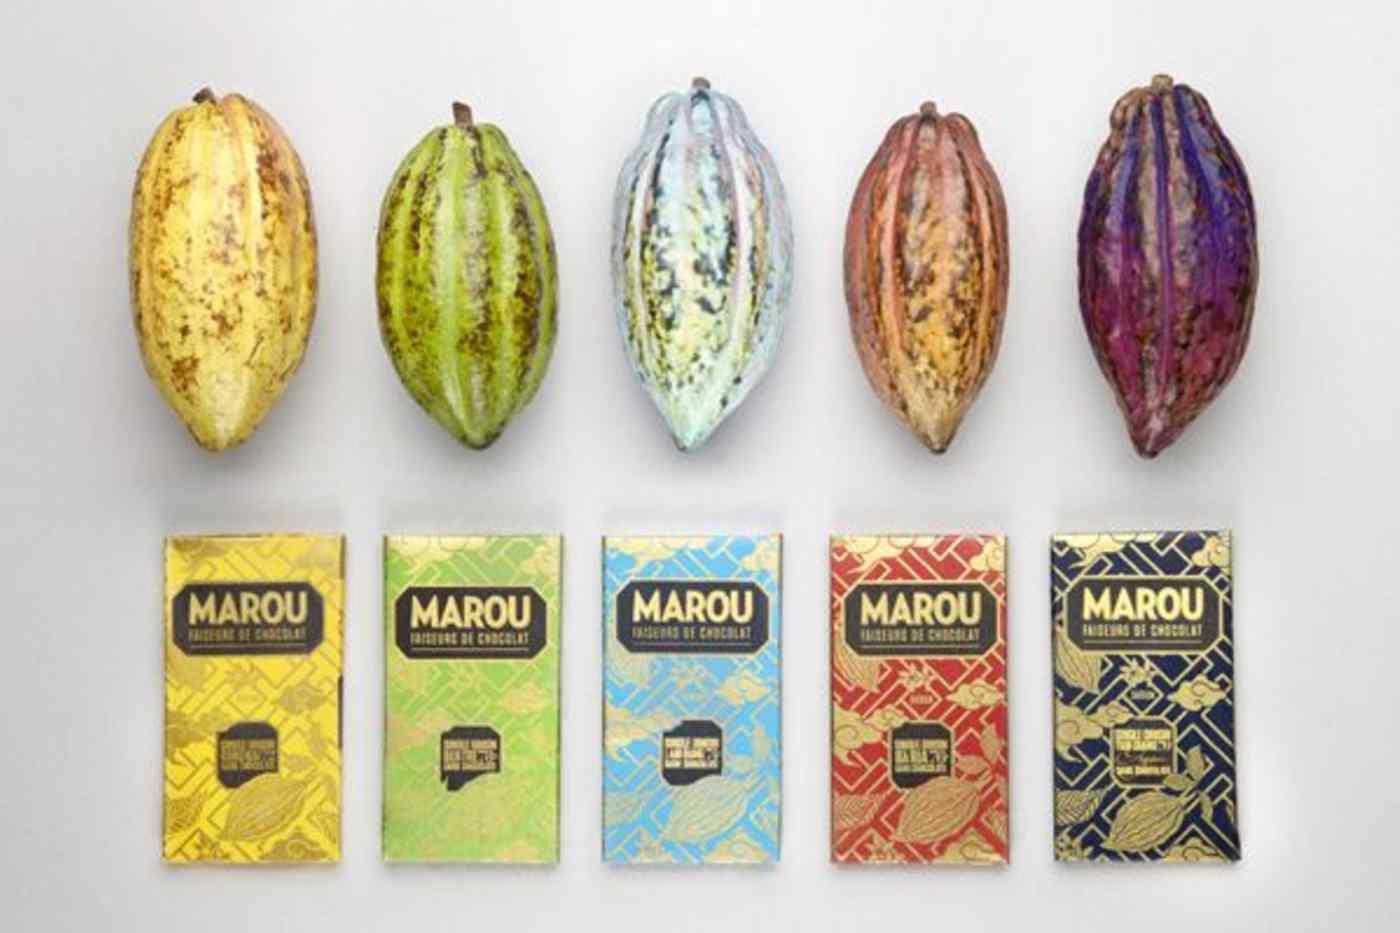 Marou đã đưa sô-cô-la Việt Nam ra thế giới như thế nào? - Ảnh 1.